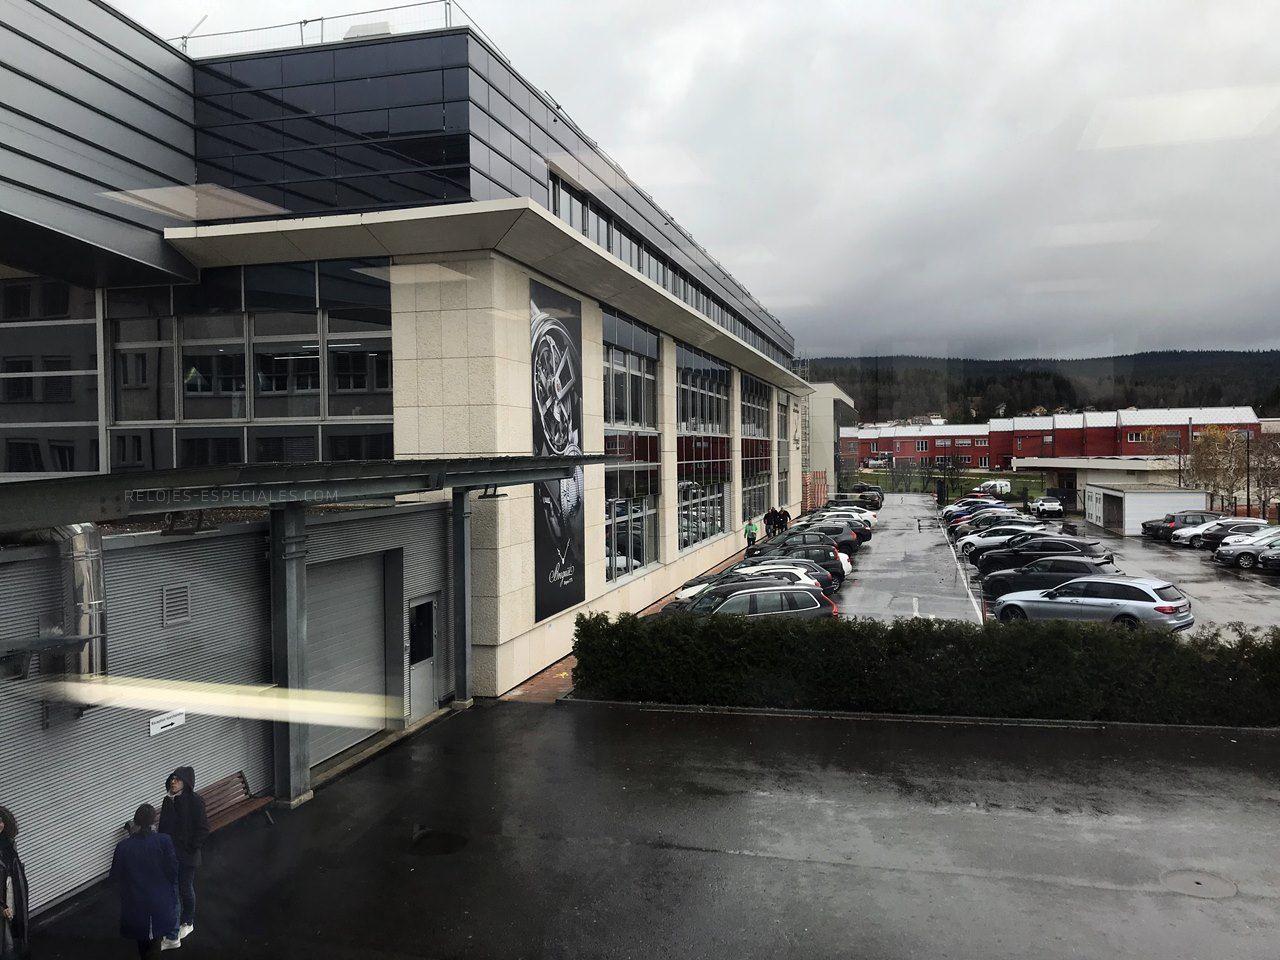 Edificio Manufactura Breguet